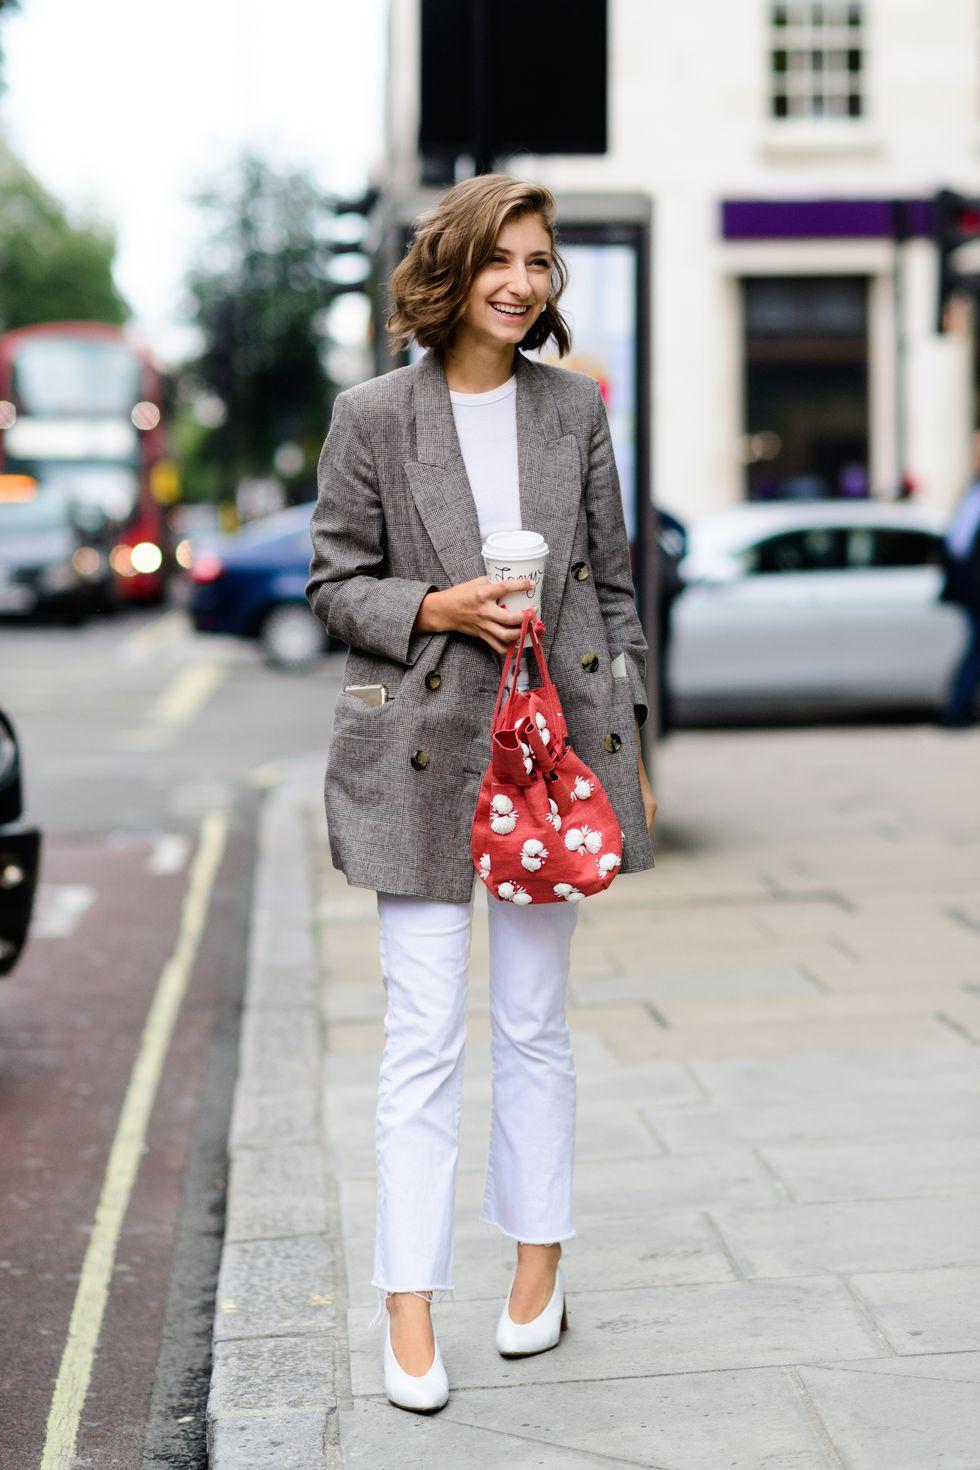 london-lfw-street-style-ss18-day-3-tyler-joe-023-1520292003